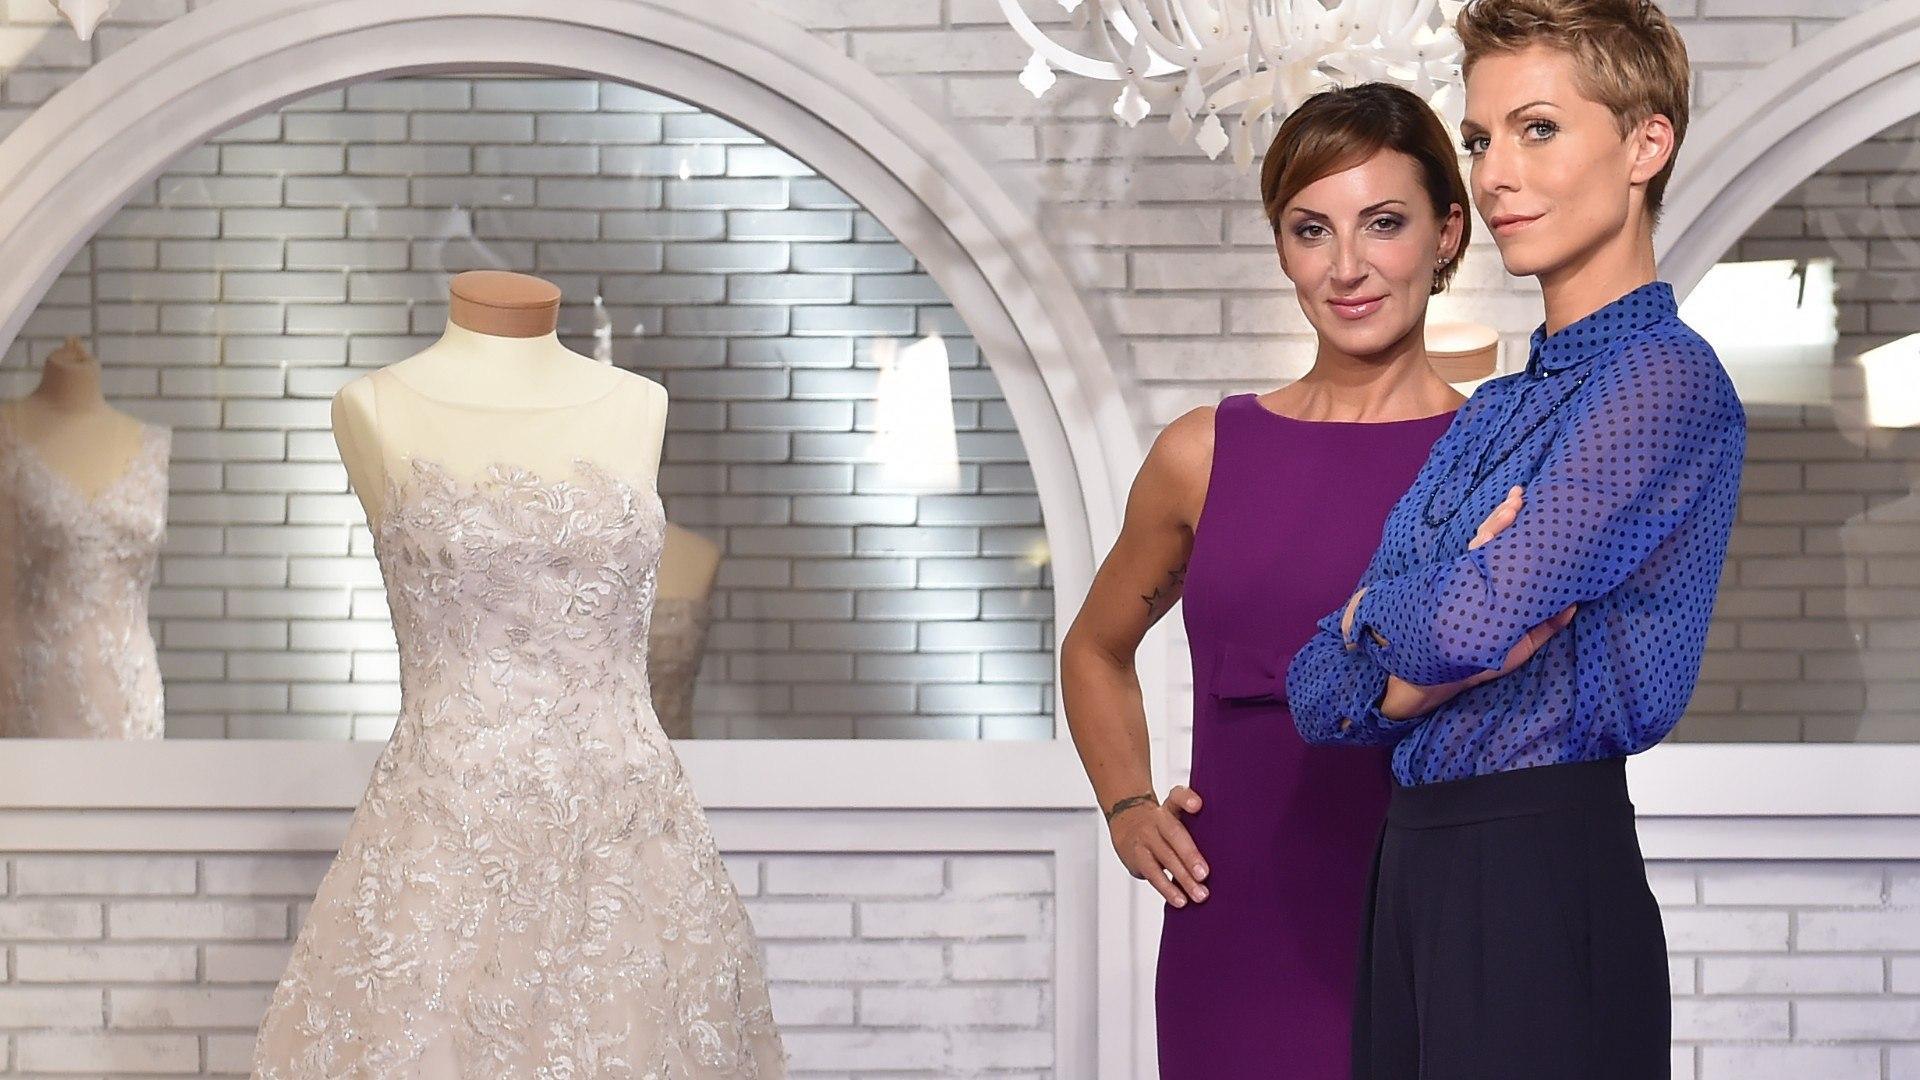 Sky Uno +1 HD Chi veste la sposa? Mamma vs. suocera